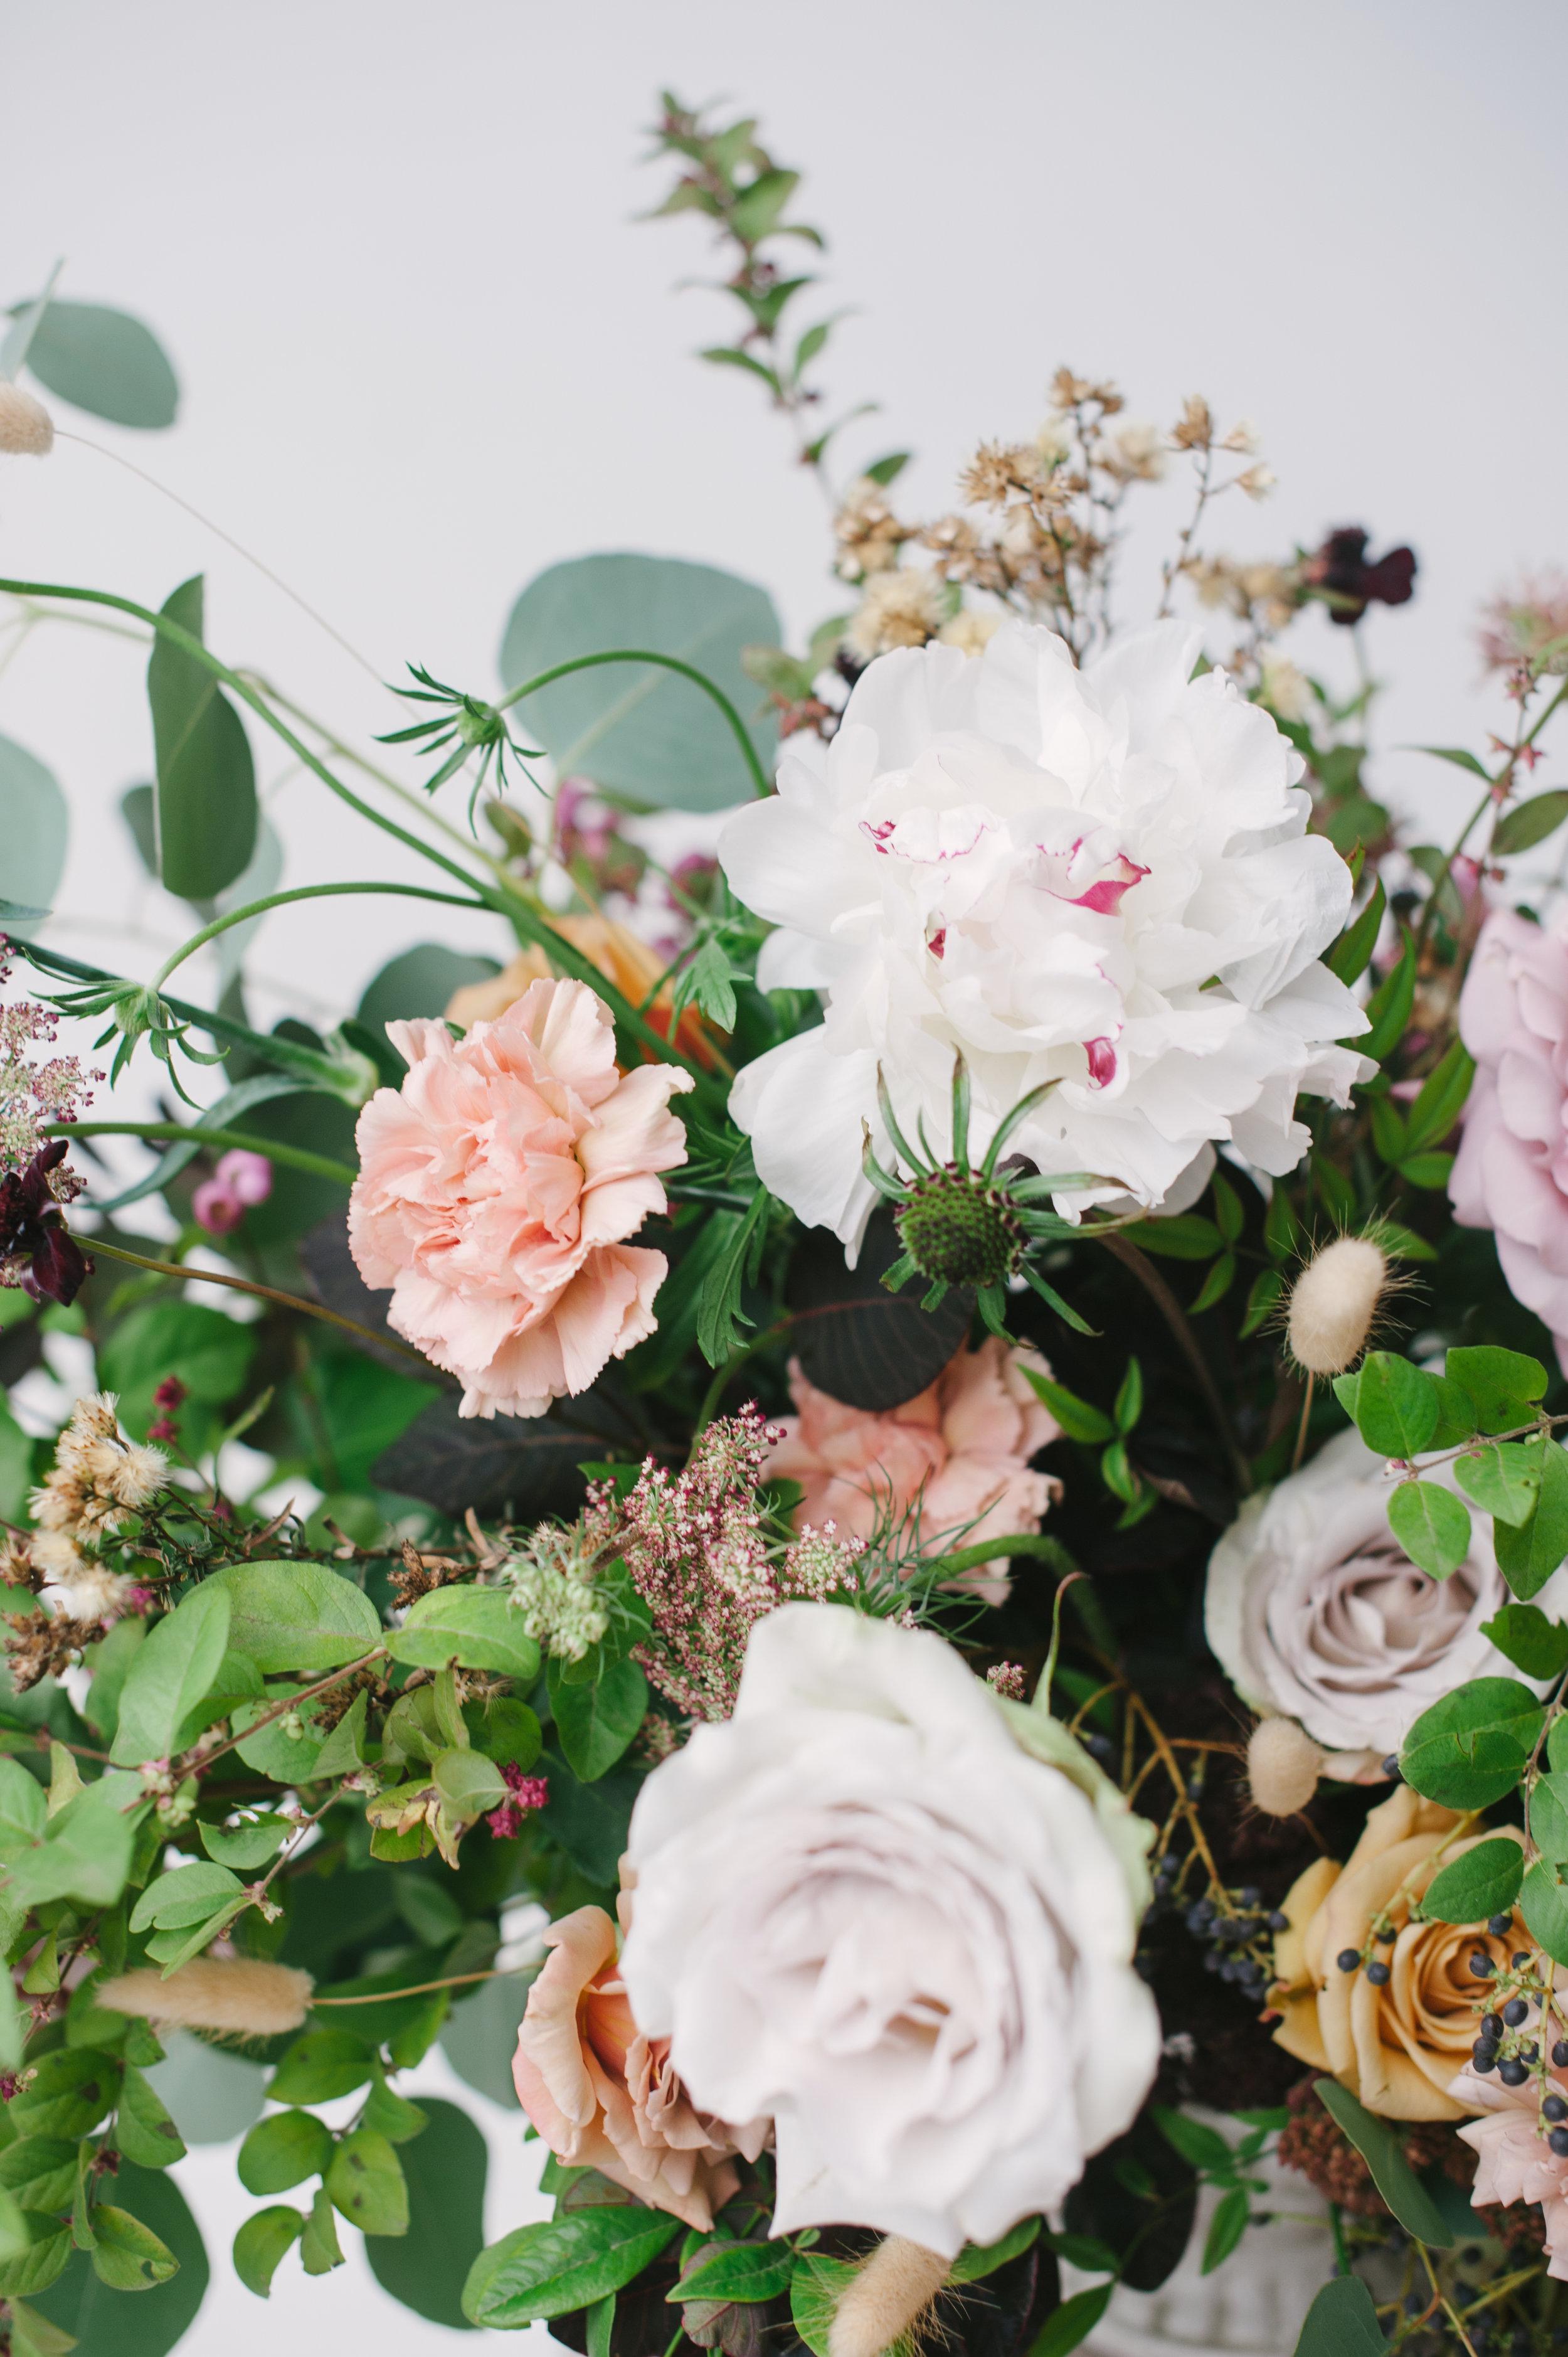 siren-floral-co-plenty-of-petals-romantik-floral-centerpiece-workshop-8.jpg